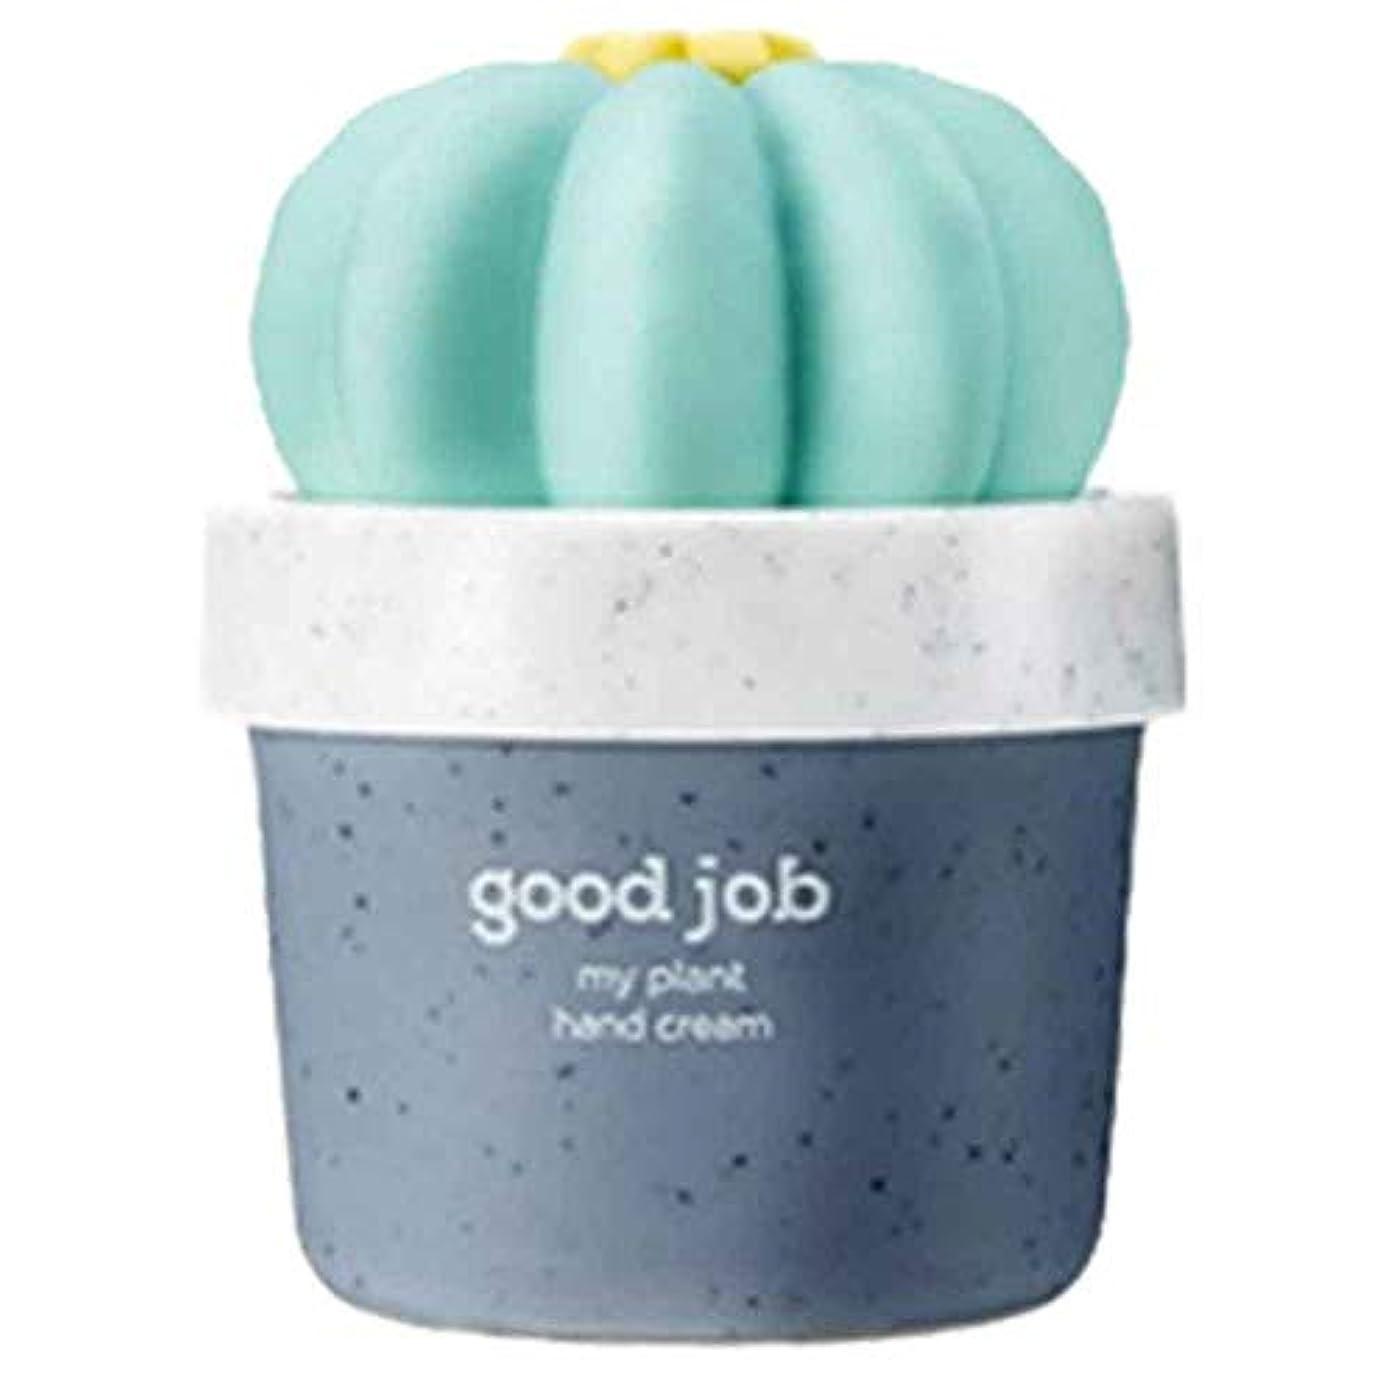 ポテト大佐または[THE FACE SHOP] ザフェイスショップ ミニサボテン 鉢植えハンドクリーム #02 Good Job 30ml